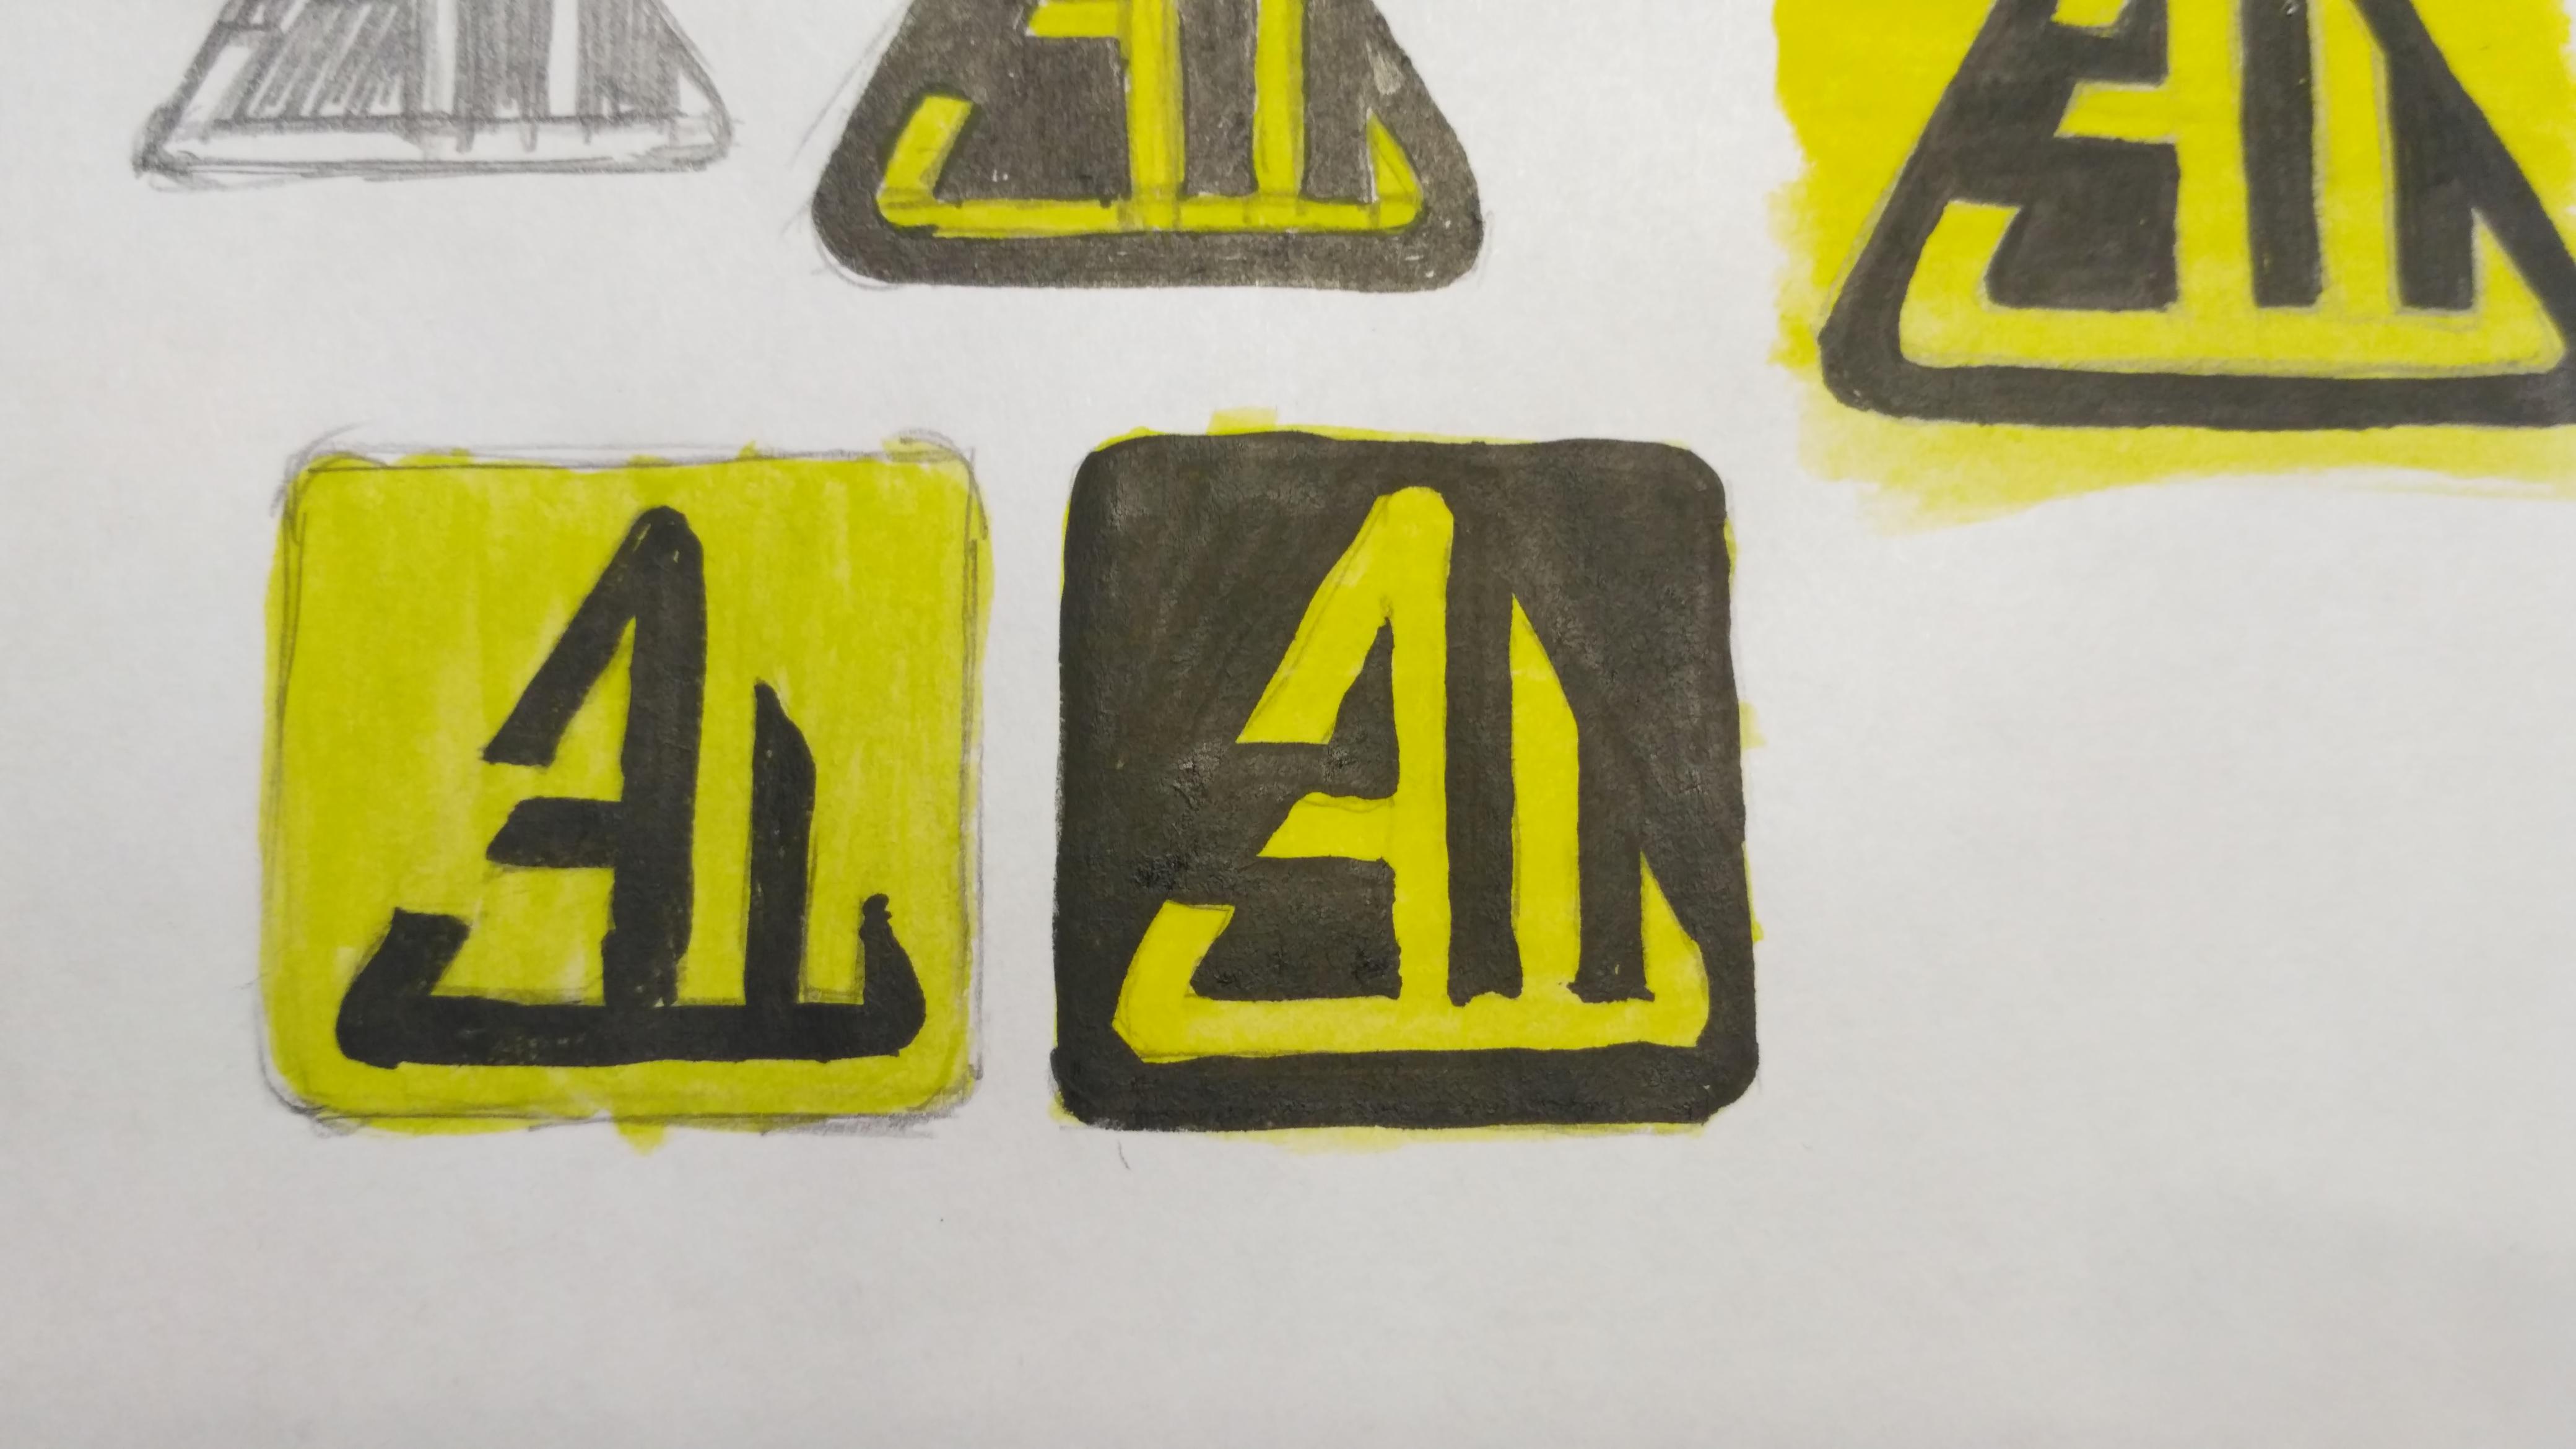 Разработать логотип для завода по производству электрощитов фото f_7515b6eaeed11bd3.jpg